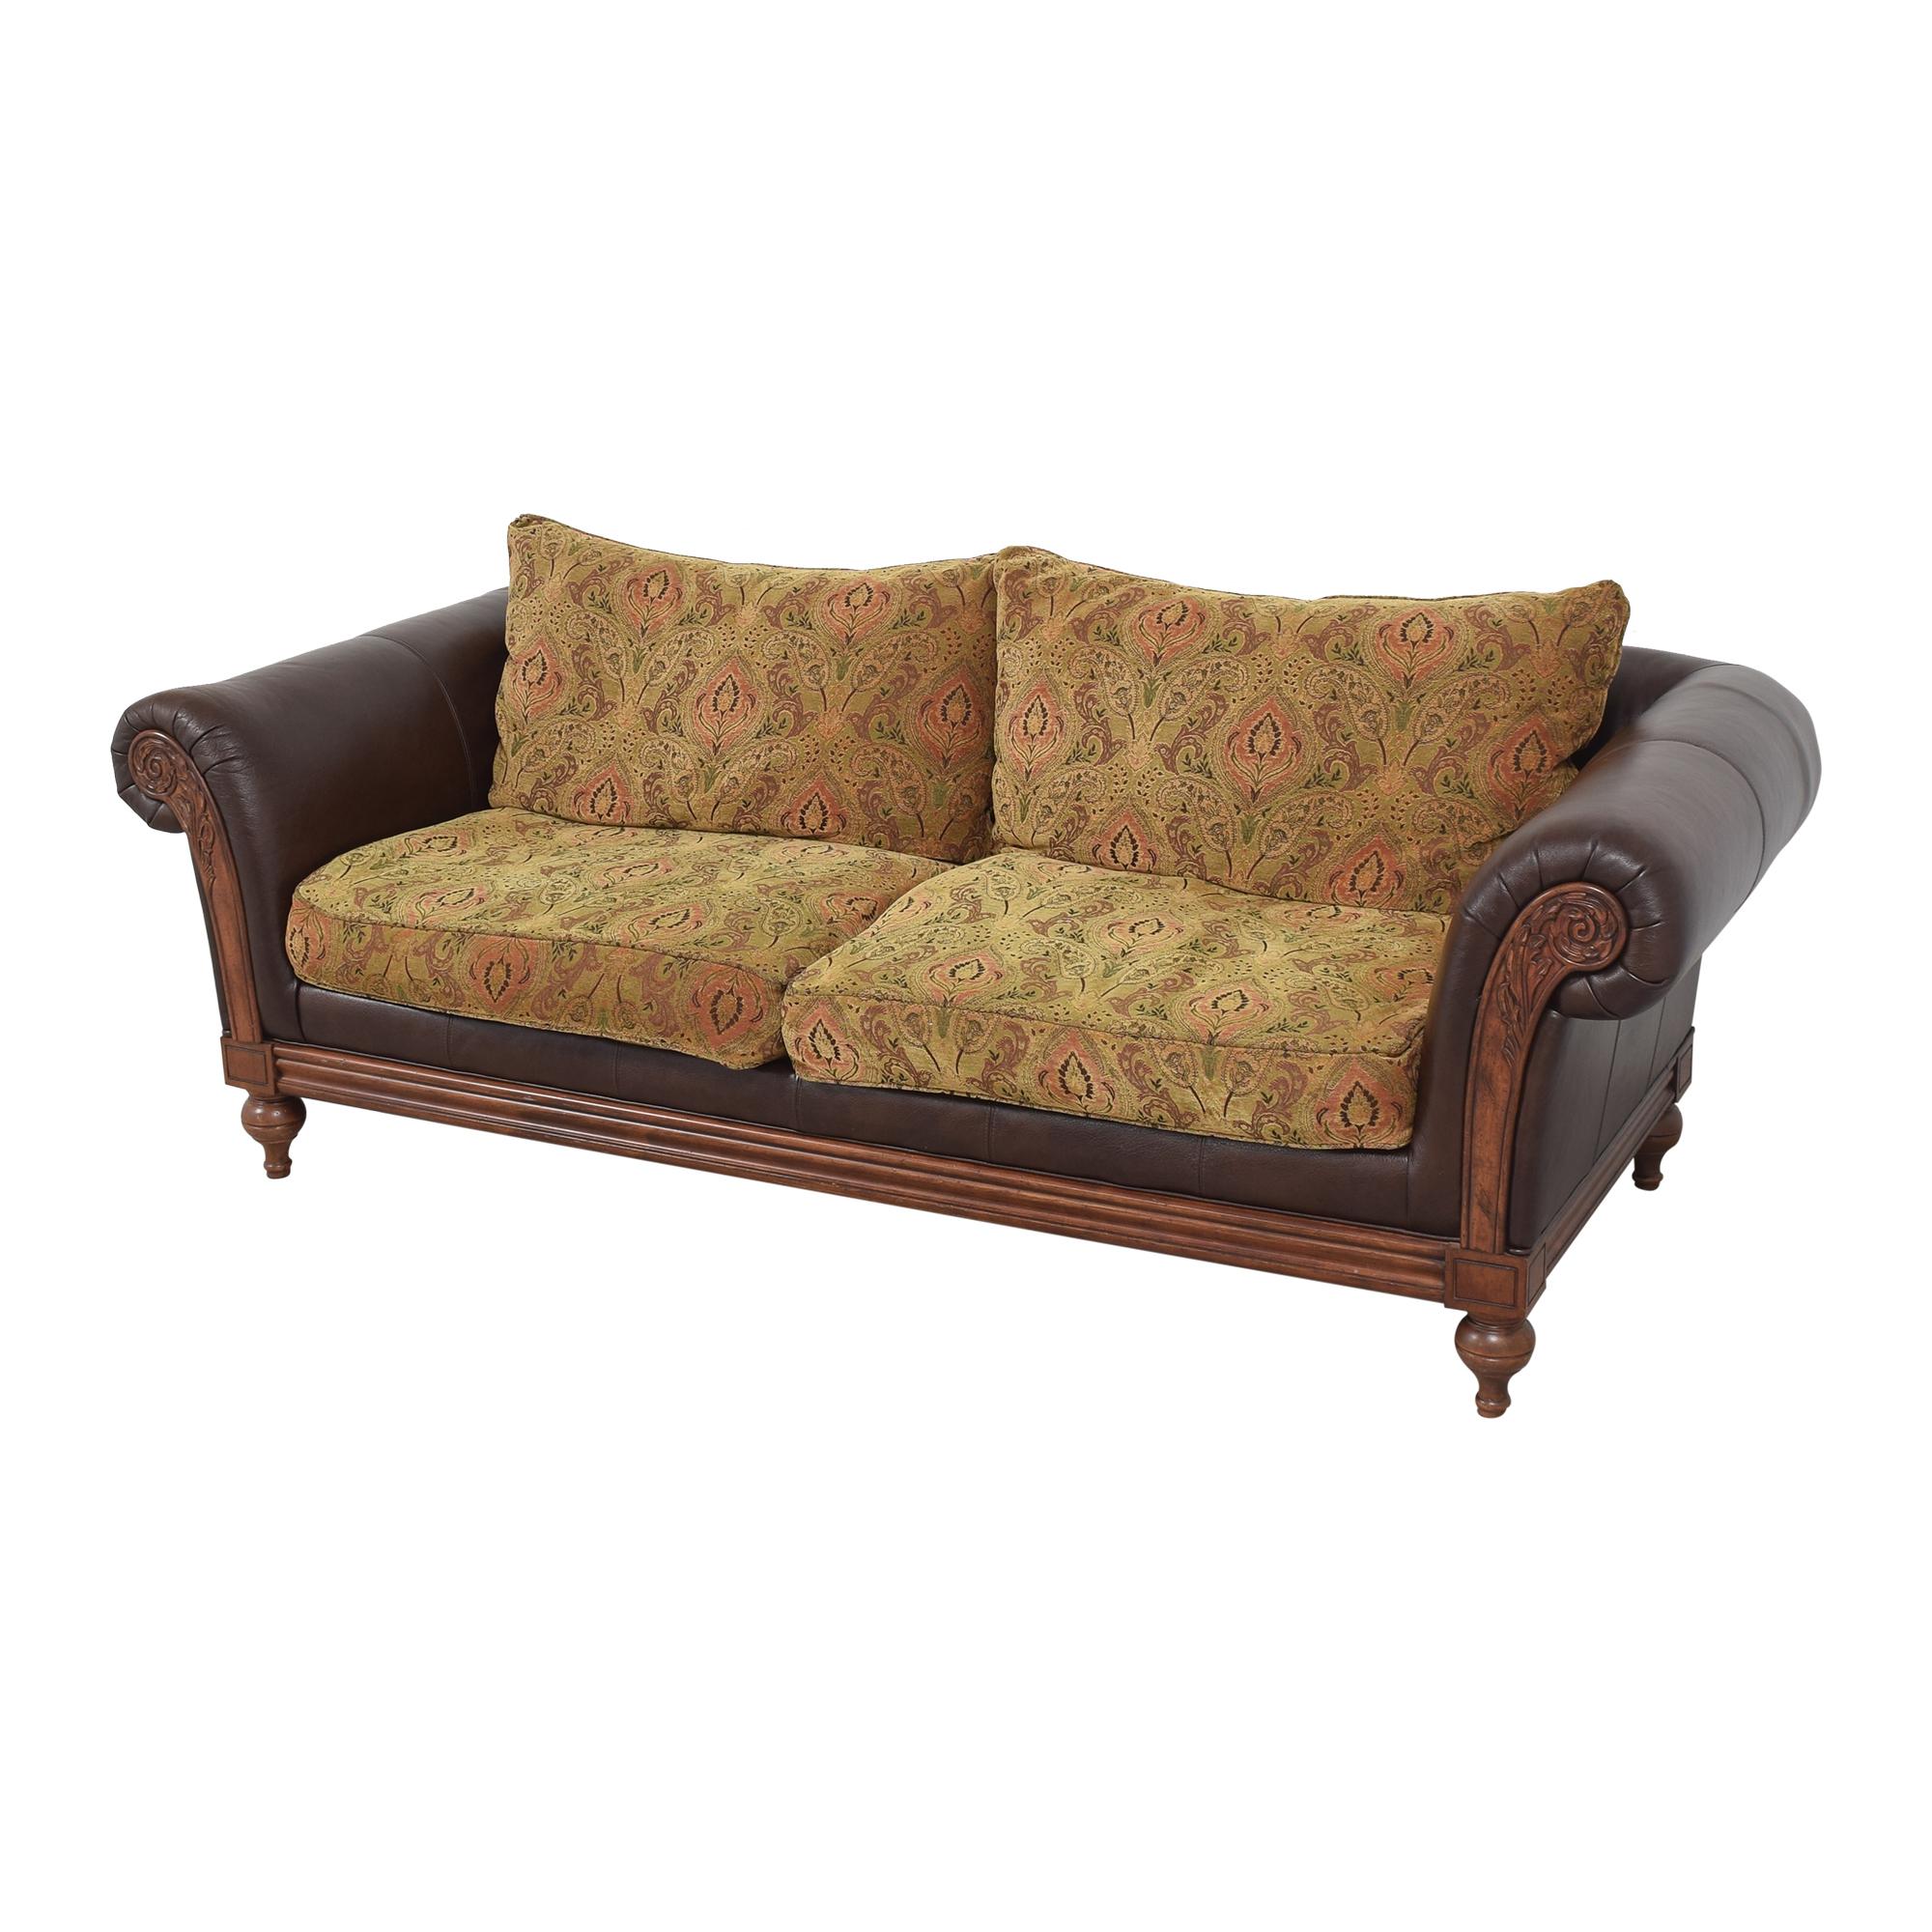 Ethan Allen Ethan Allen Pratt Sofa pa